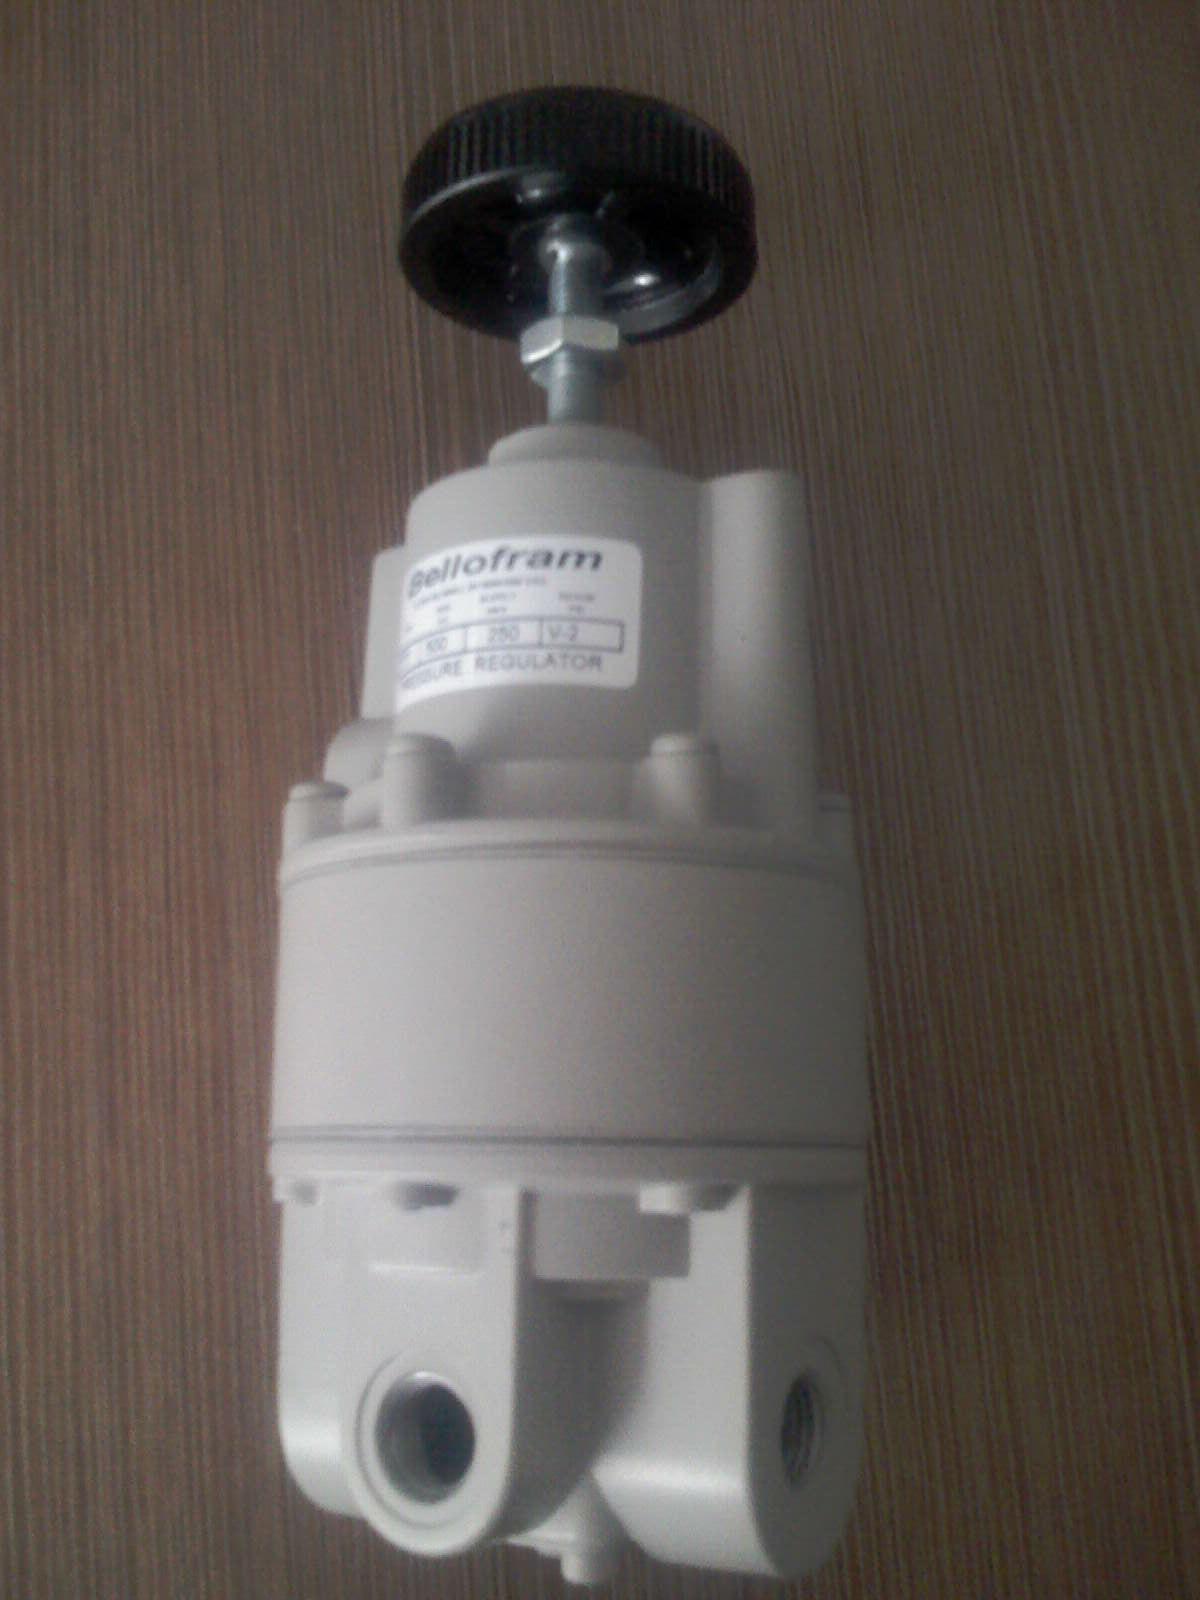 BELLOFRAM T77 vacuum regulator 960-500-000 2PSI vacuum low pressure valve рокфеллер джон дэвисон как я нажил 500 000 000 мемуары миллиардера